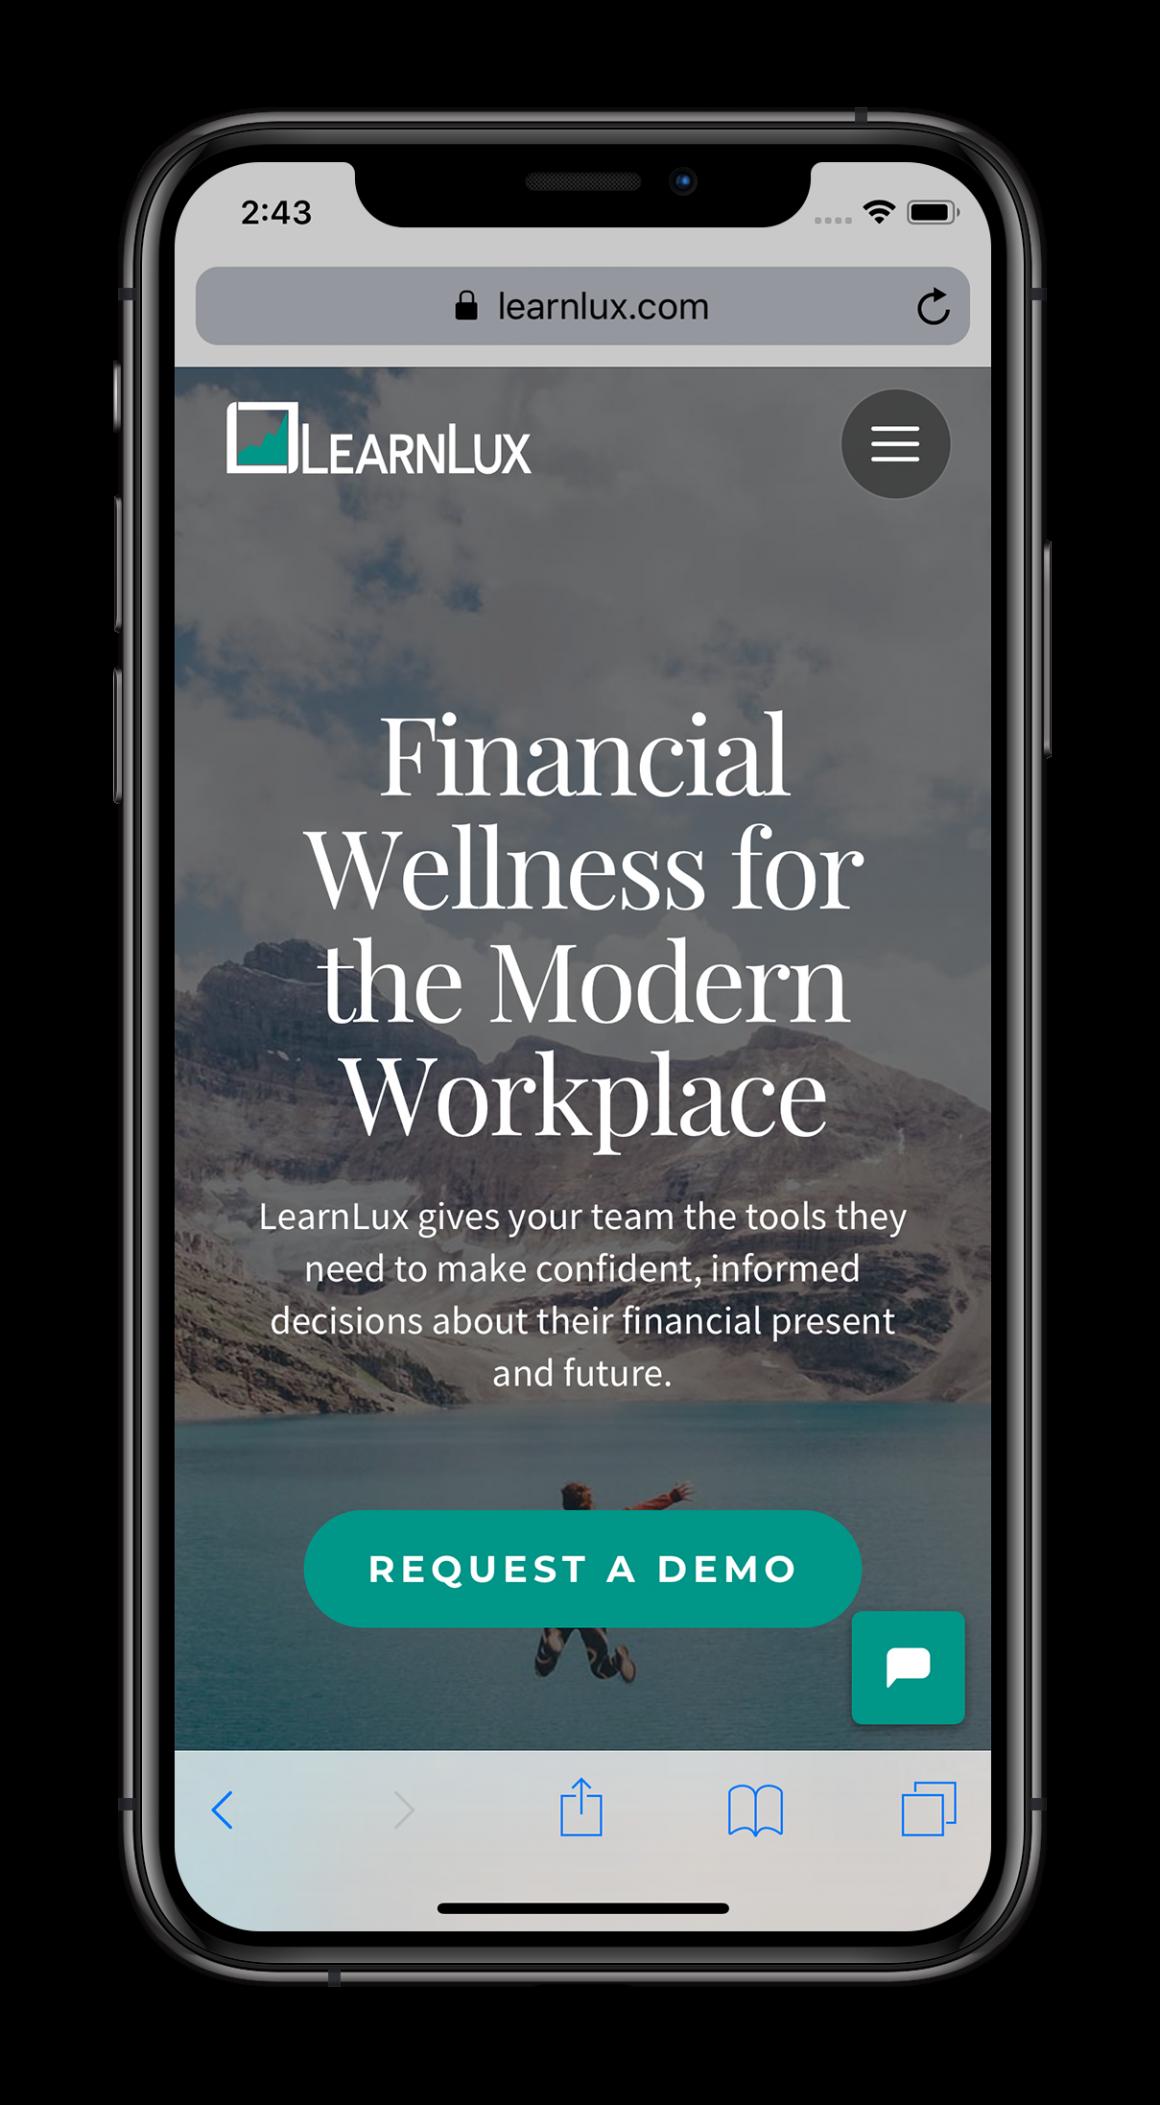 learnlux solleva 2 milioni da sound ventures marc benioff per aiutare i dipendenti a prendere decisioni finanziarie 1160x2105 - LearnLux solleva $ 2 milioni da Sound Ventures, Marc Benioff per aiutare i dipendenti a prendere decisioni finanziarie